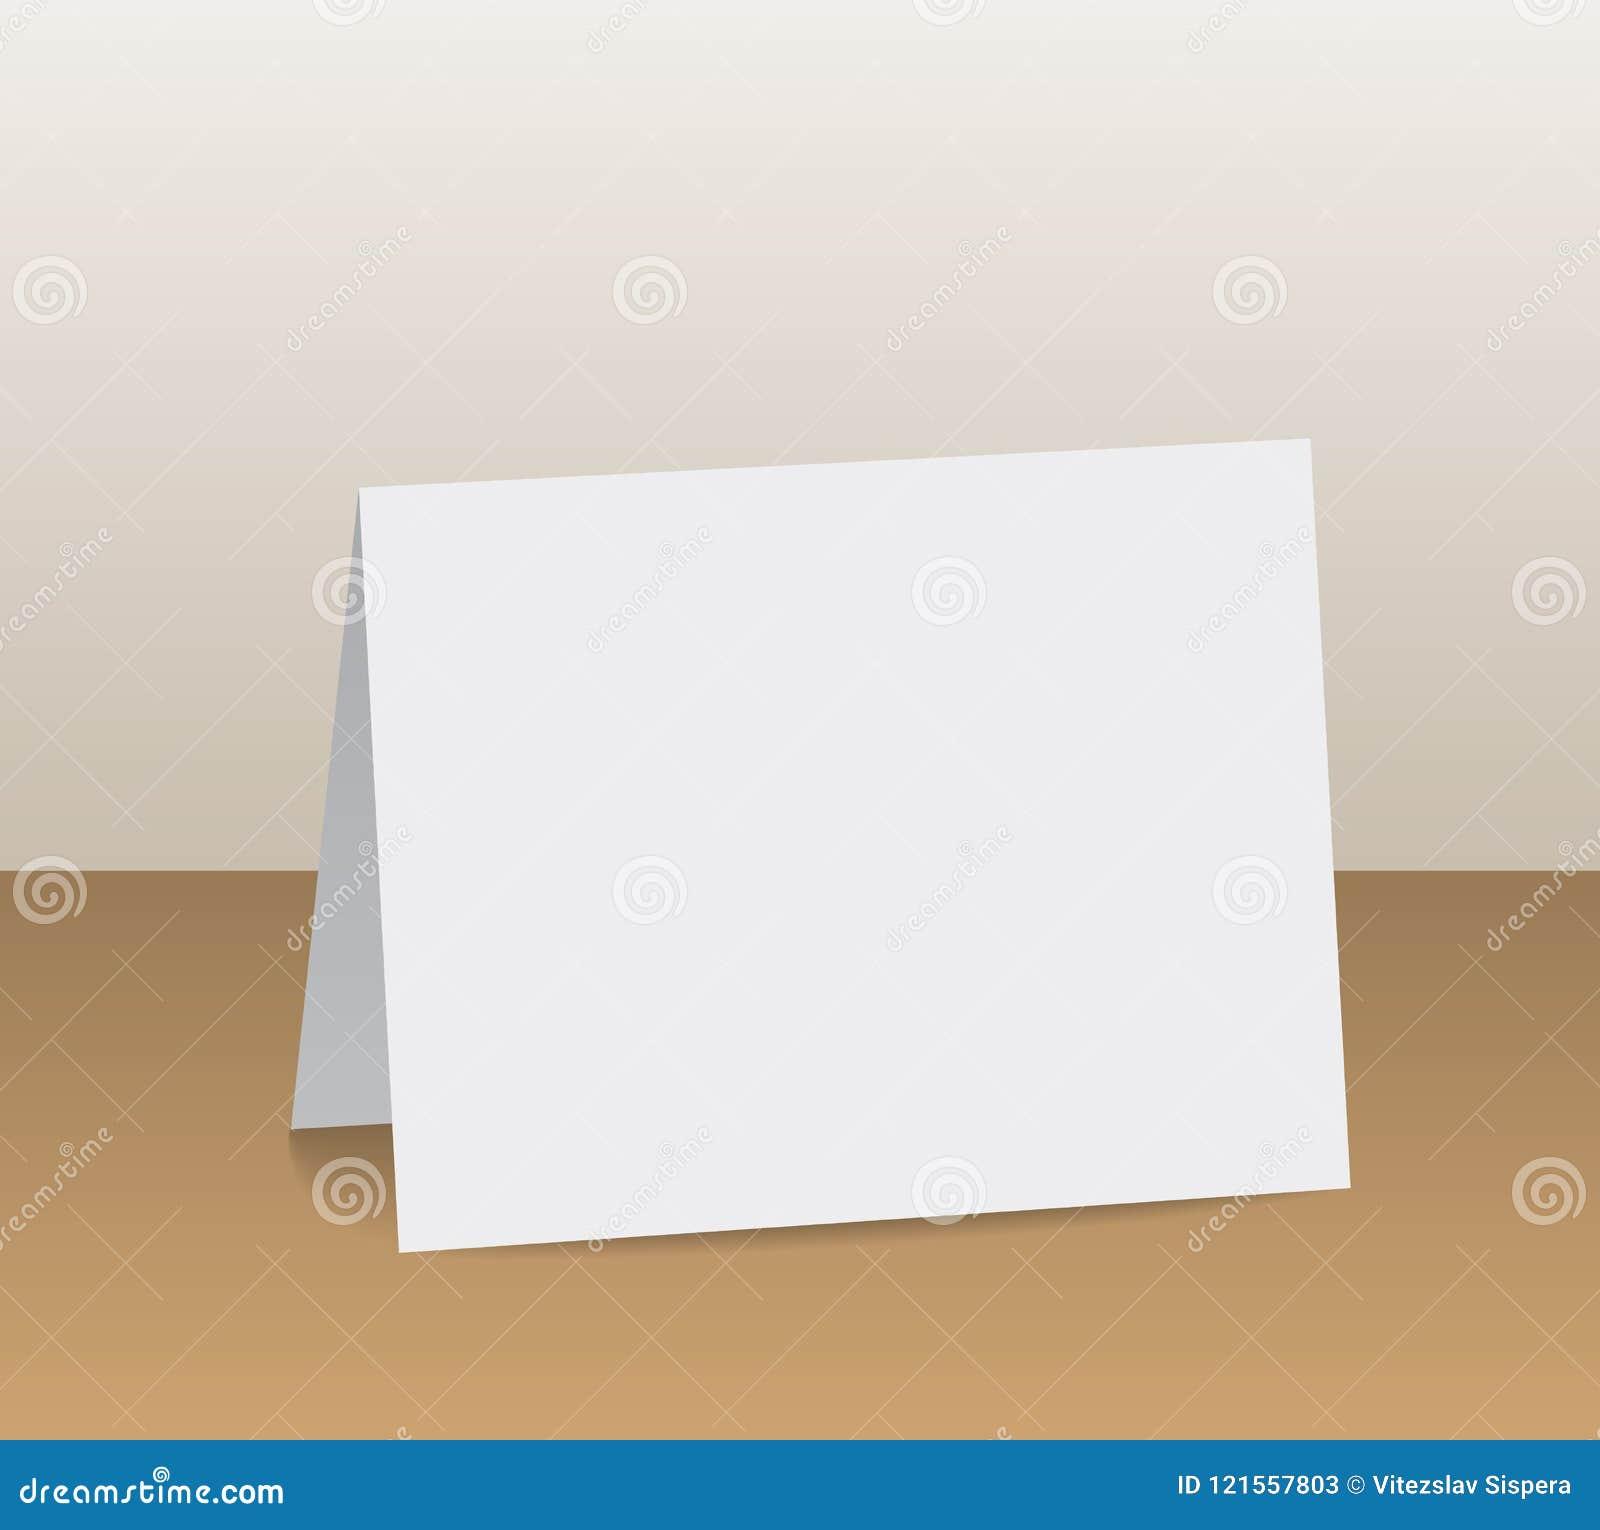 Реалистический белый пробел сложил бумажную карточку стоя на деревянном столе